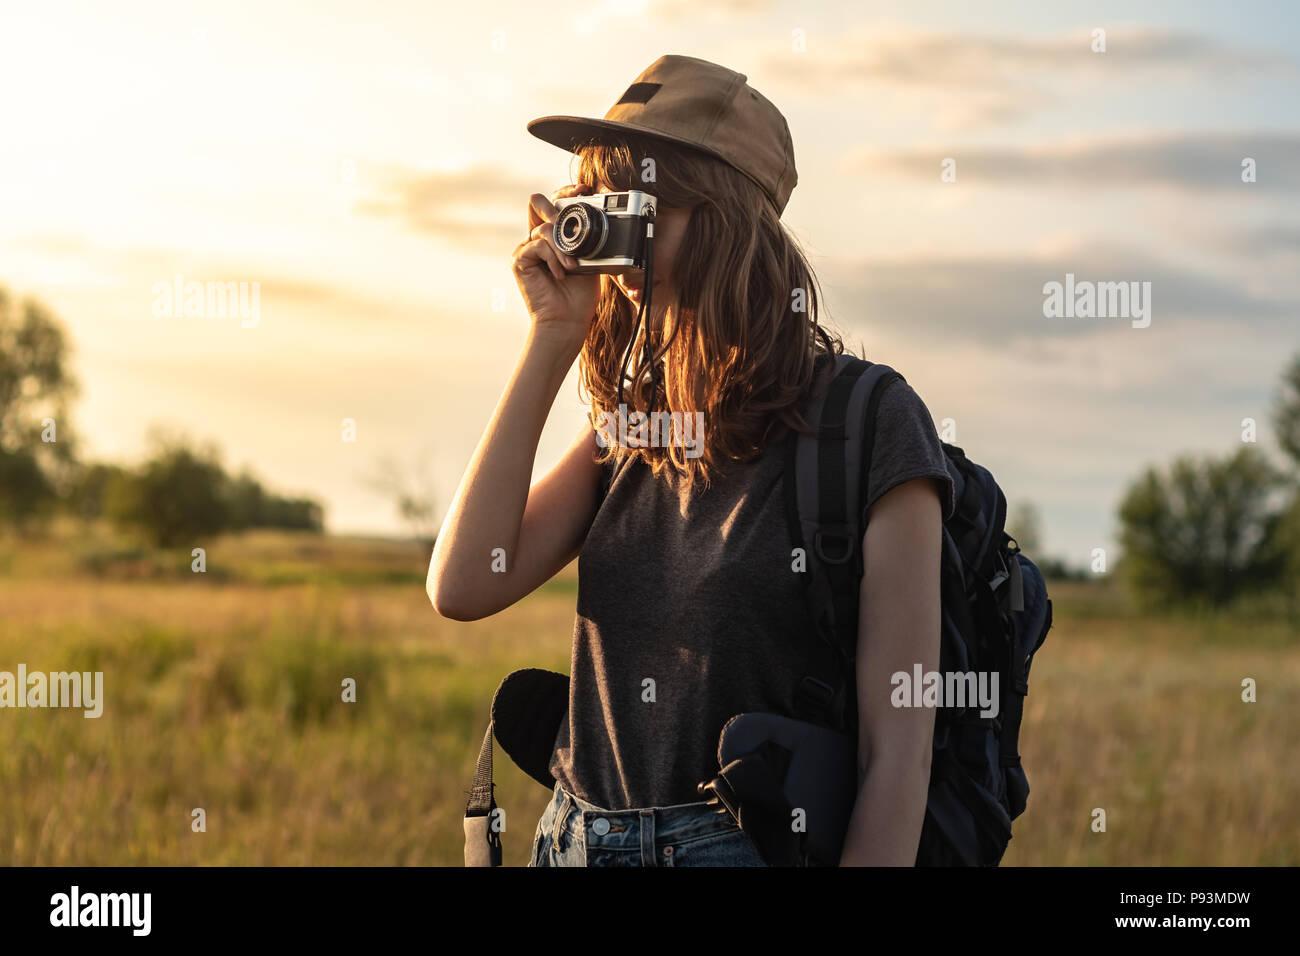 Jeune femme prenant touristique photo randonnée. Femme avec sac à dos est au coucher du soleil et des photographies belles Région rurale Photo Stock